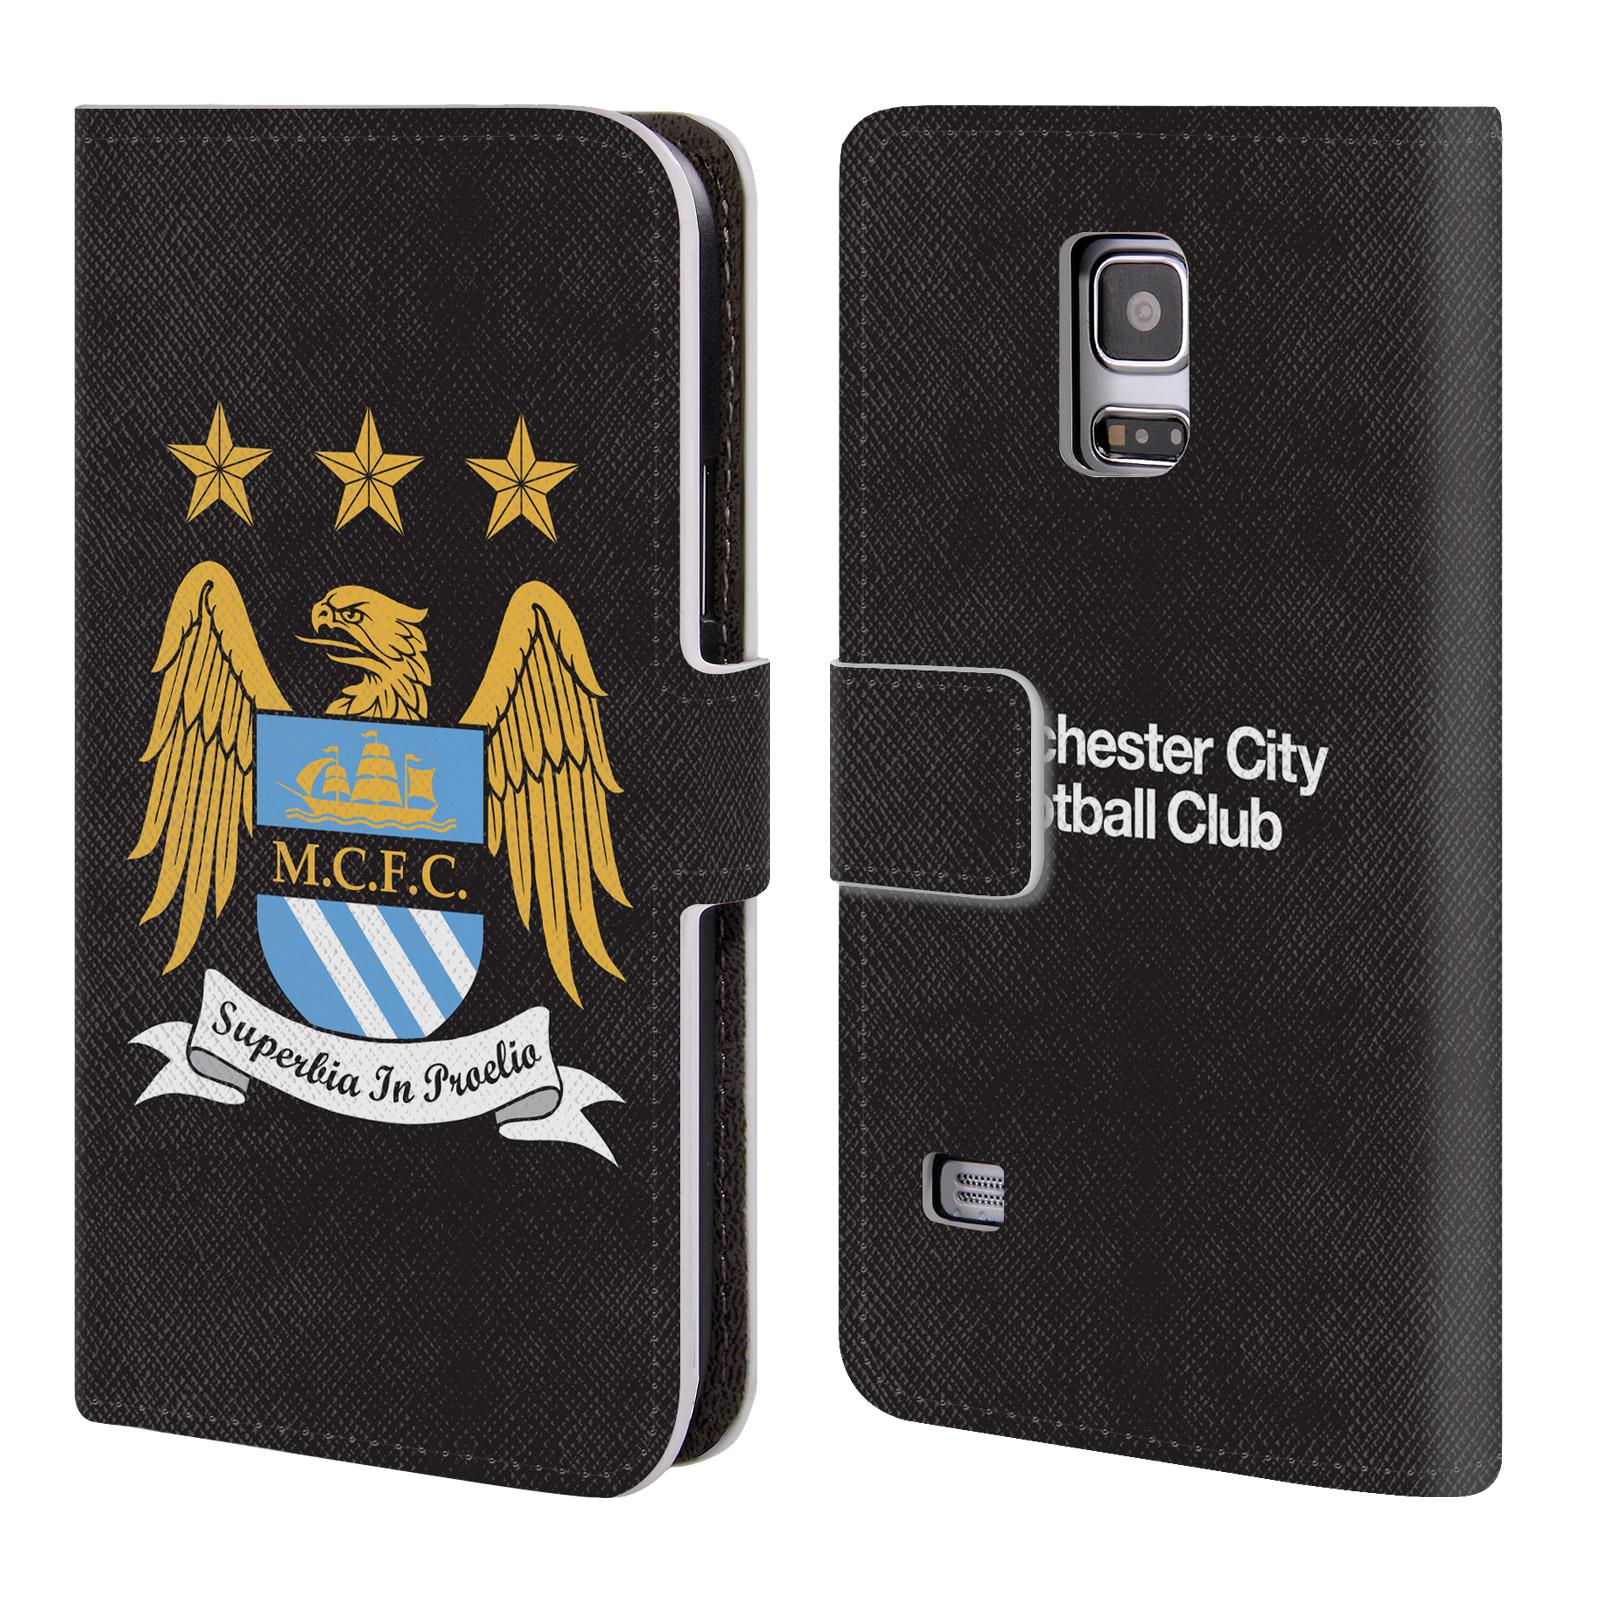 HEAD CASE Flipové pouzdro pro mobil Samsung Galaxy S5 MINI / S5 MINI DUOS Oficiální Manchester City znak a černé pozadí